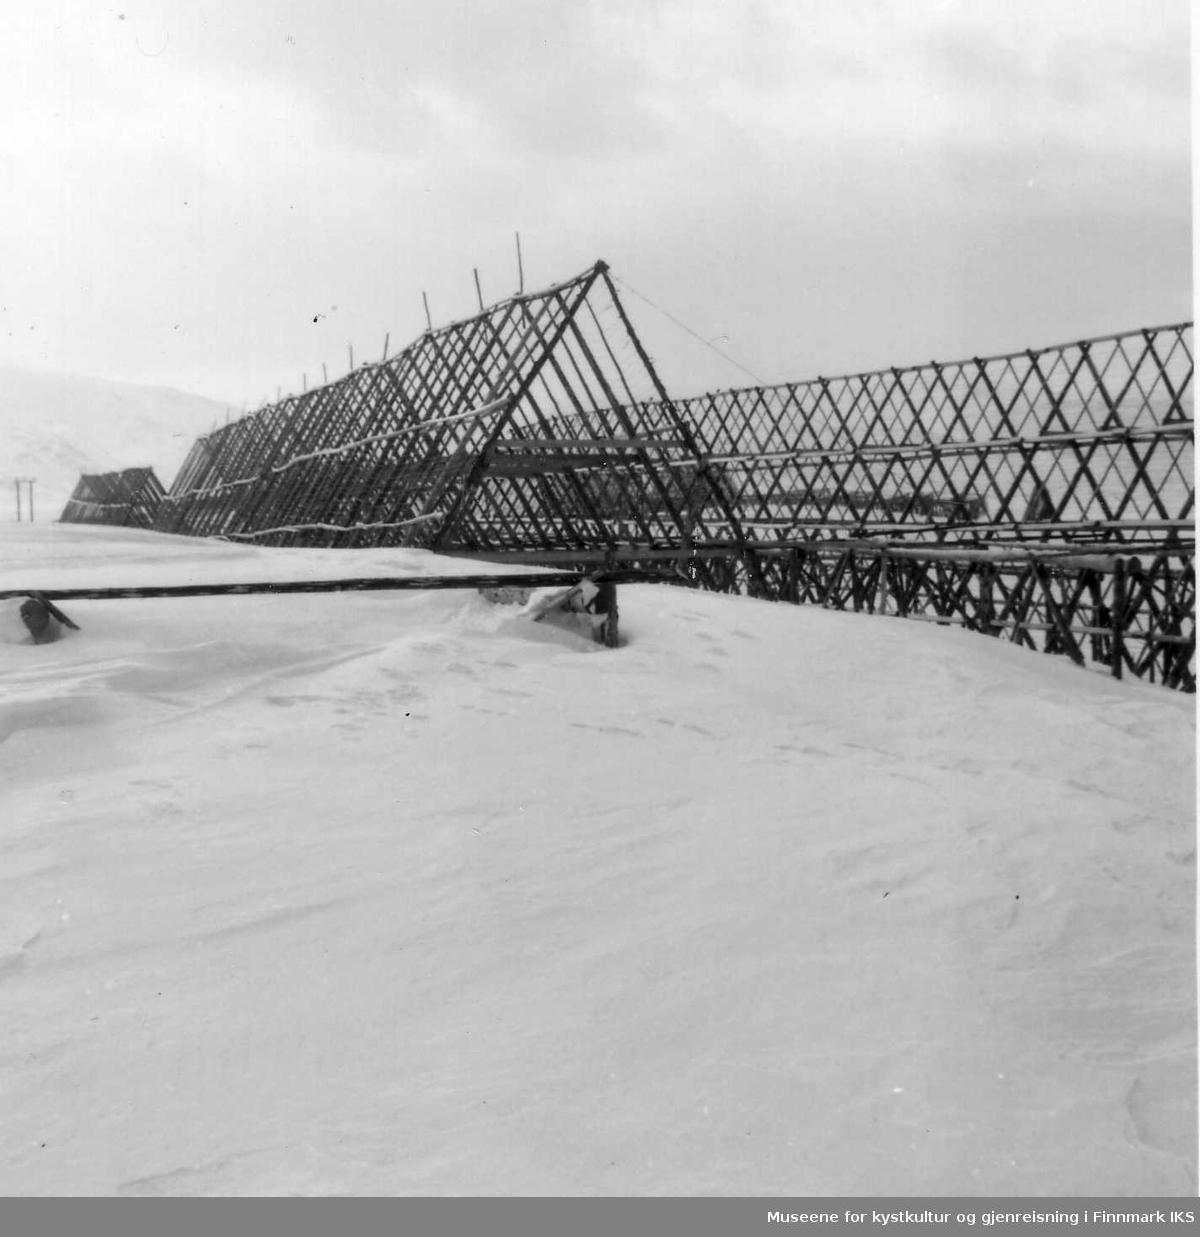 Snøforhold på Iversenraet. Edv. Fjærtofts fiskehjeller, 1952